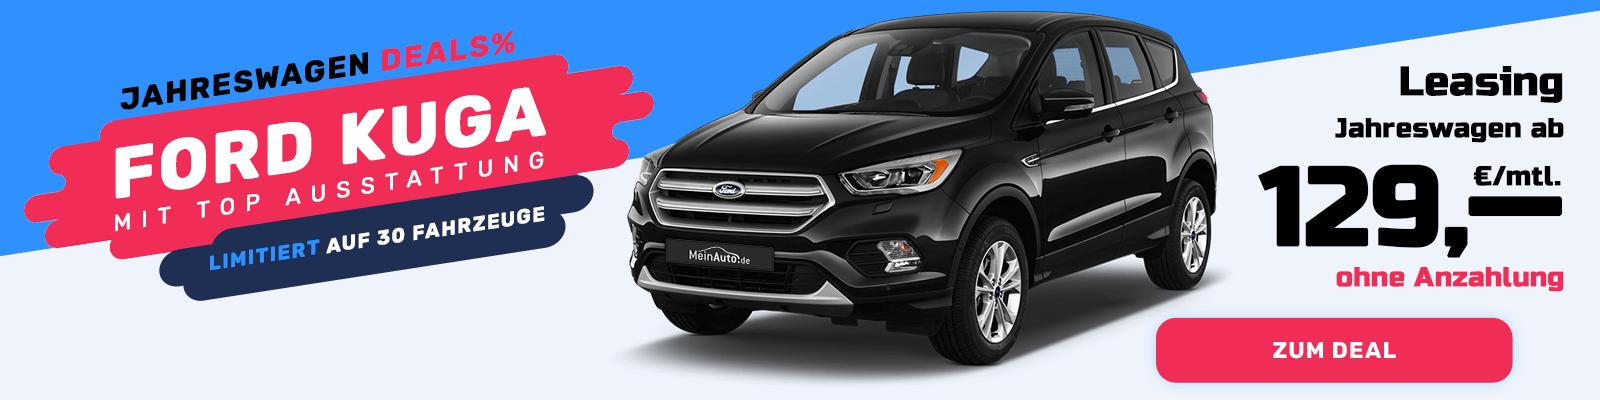 Ford Kuga 2 Als Gebrauchtwagen Perfekt Im Leasing Meinauto De